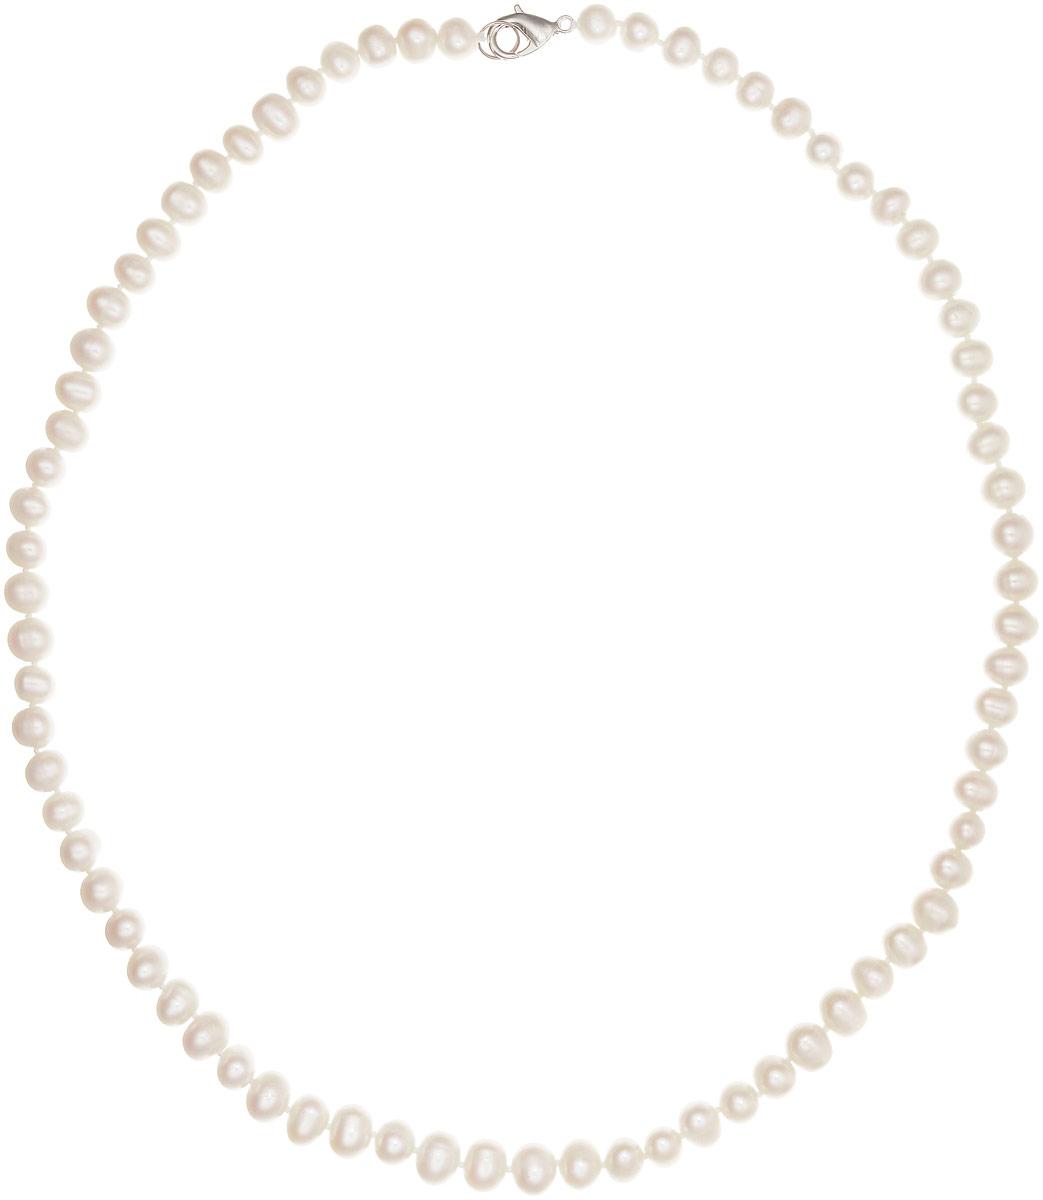 Бусы Art-Silver, цвет: молочный, длина 55 см. КЖб7-8А+55-660КЖб7-8А+55-660Бусы Art-Silver изготовлены из культивированного жемчуга. Изделие оформлено однотонными бусинами и застегивается на замок-карабин из бижутерного сплава.